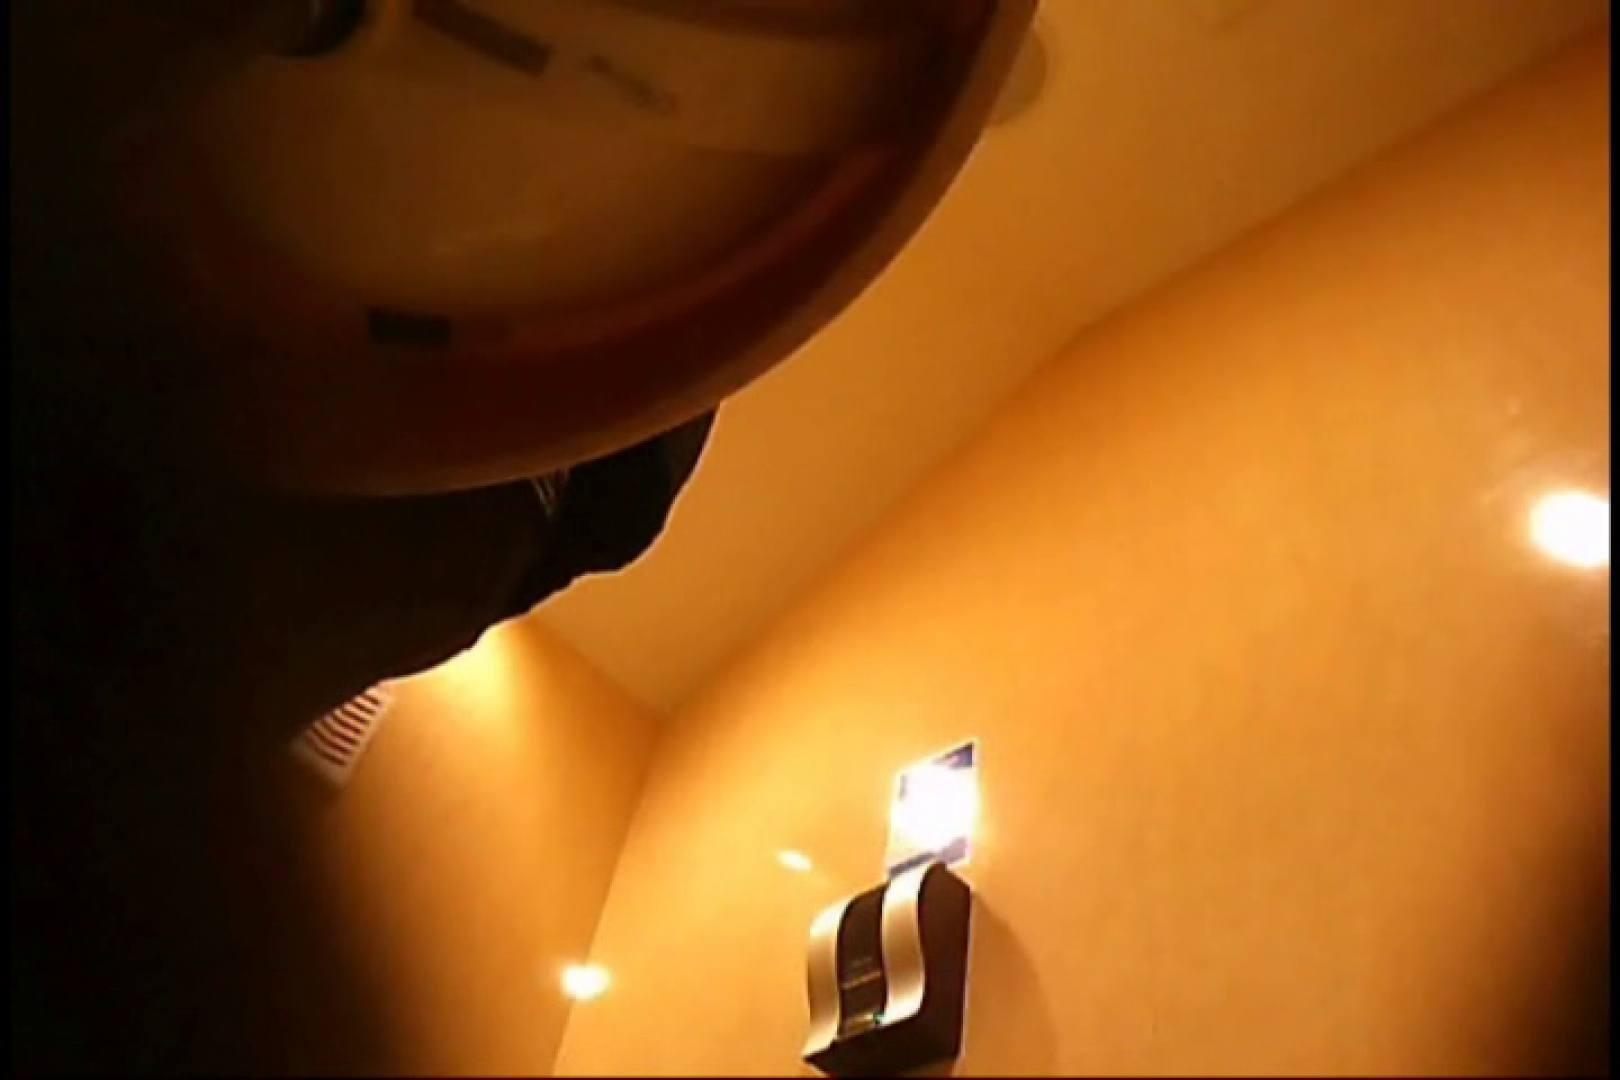 潜入!!女子化粧室盗撮~絶対見られたくない時間~vo,26 お姉さん丸裸 オメコ動画キャプチャ 102pic 54